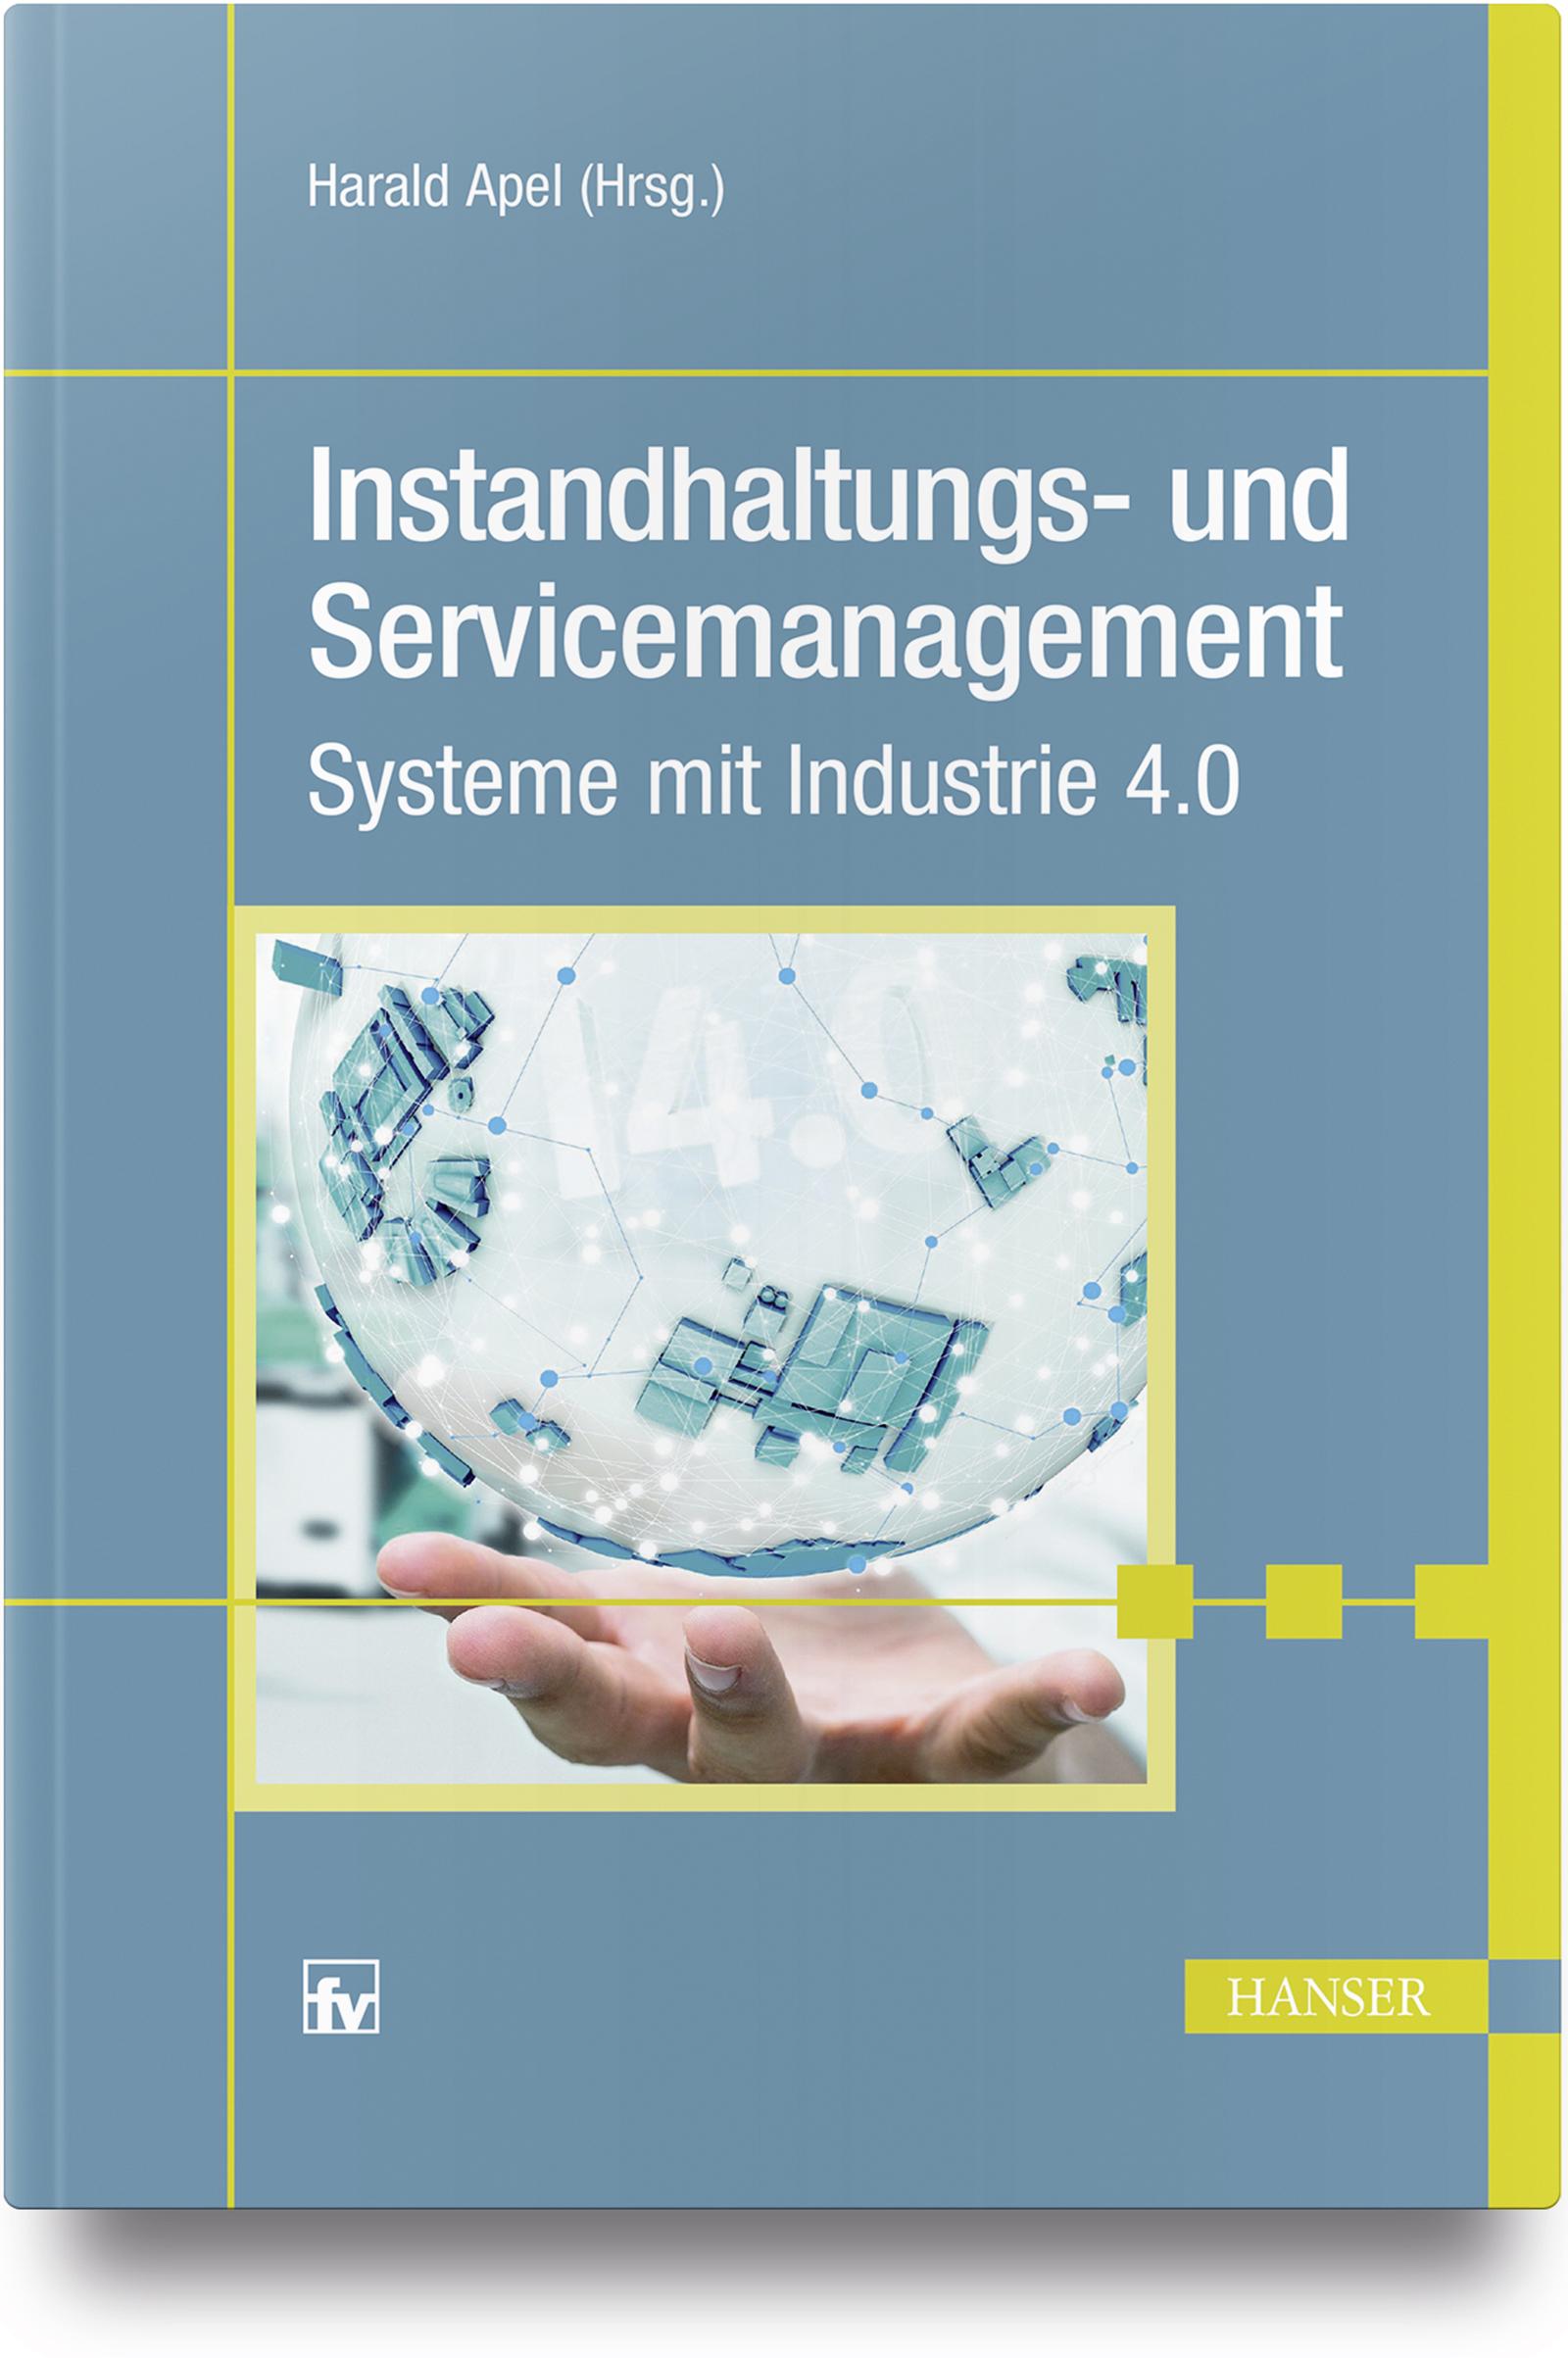 Instandhaltungs- und Servicemanagement, 978-3-446-45323-4